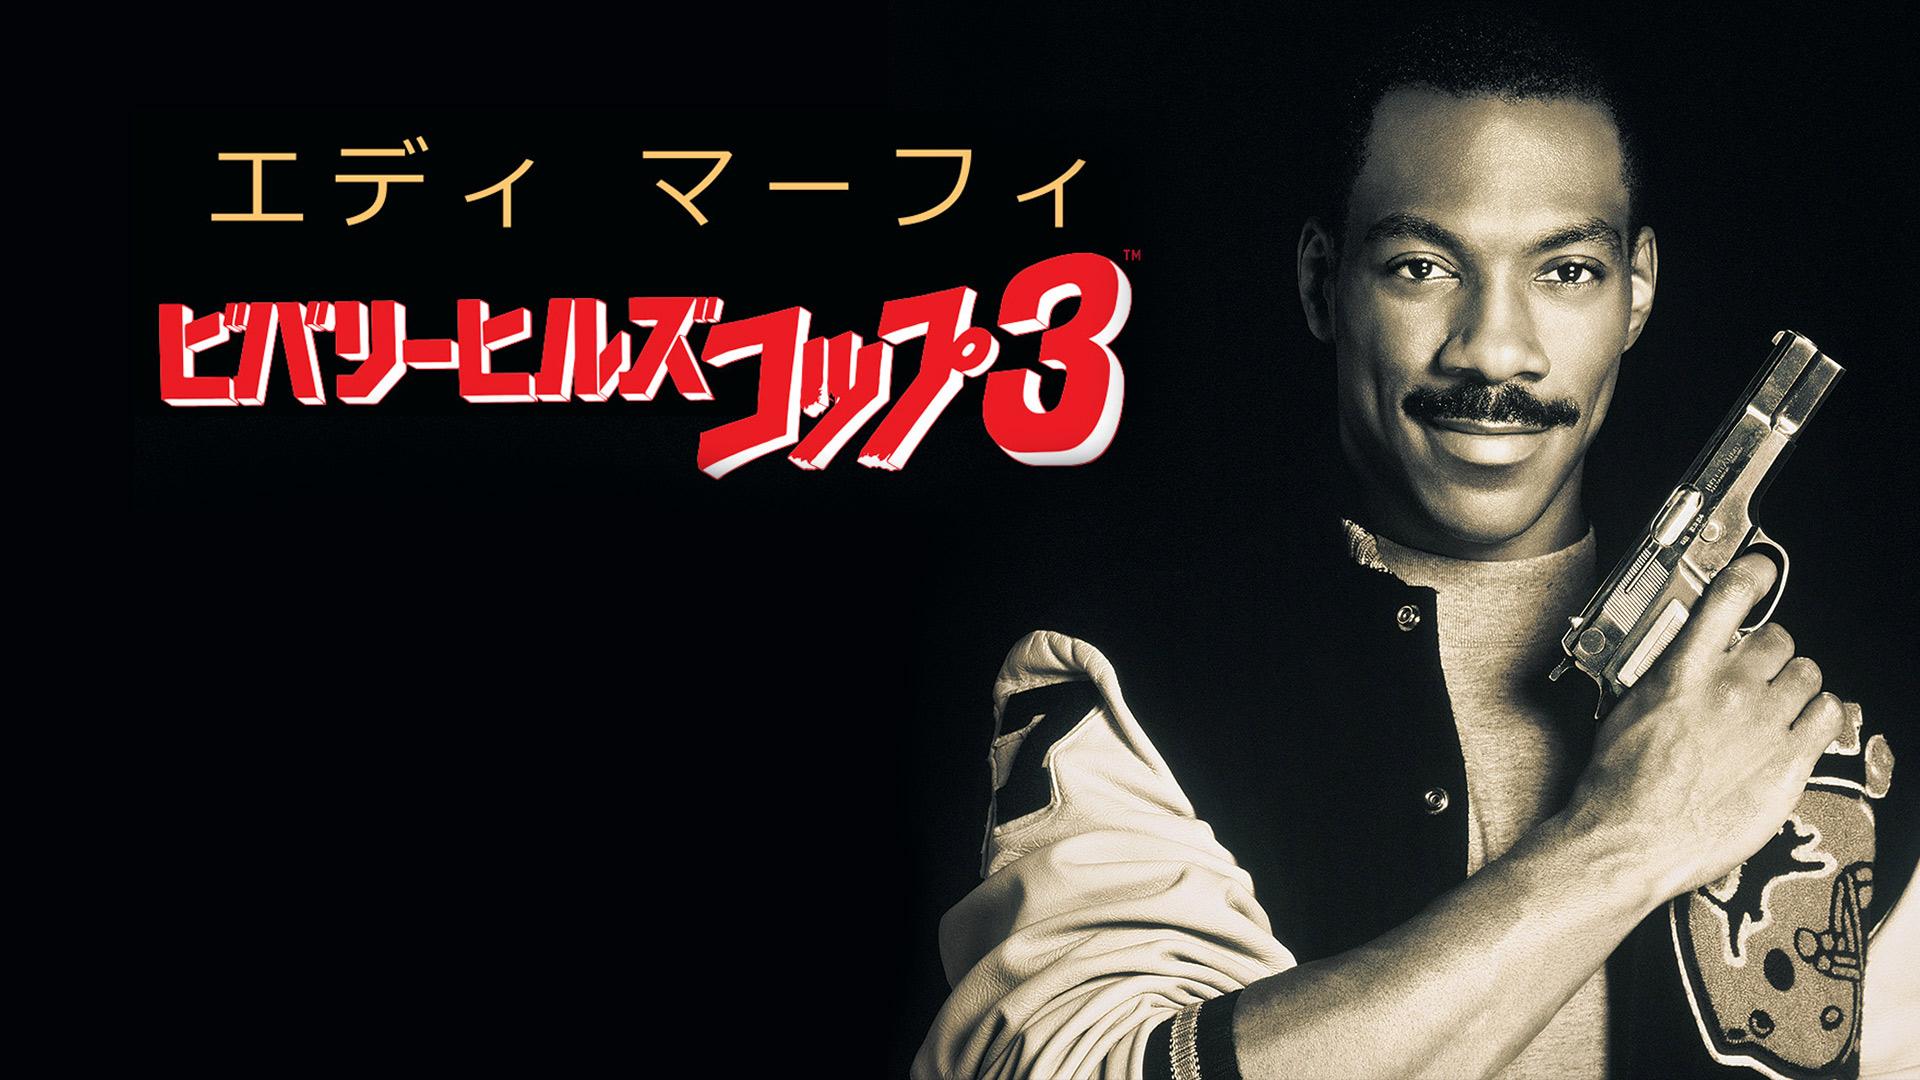 ビバリーヒルズ・コップ3(吹替版)